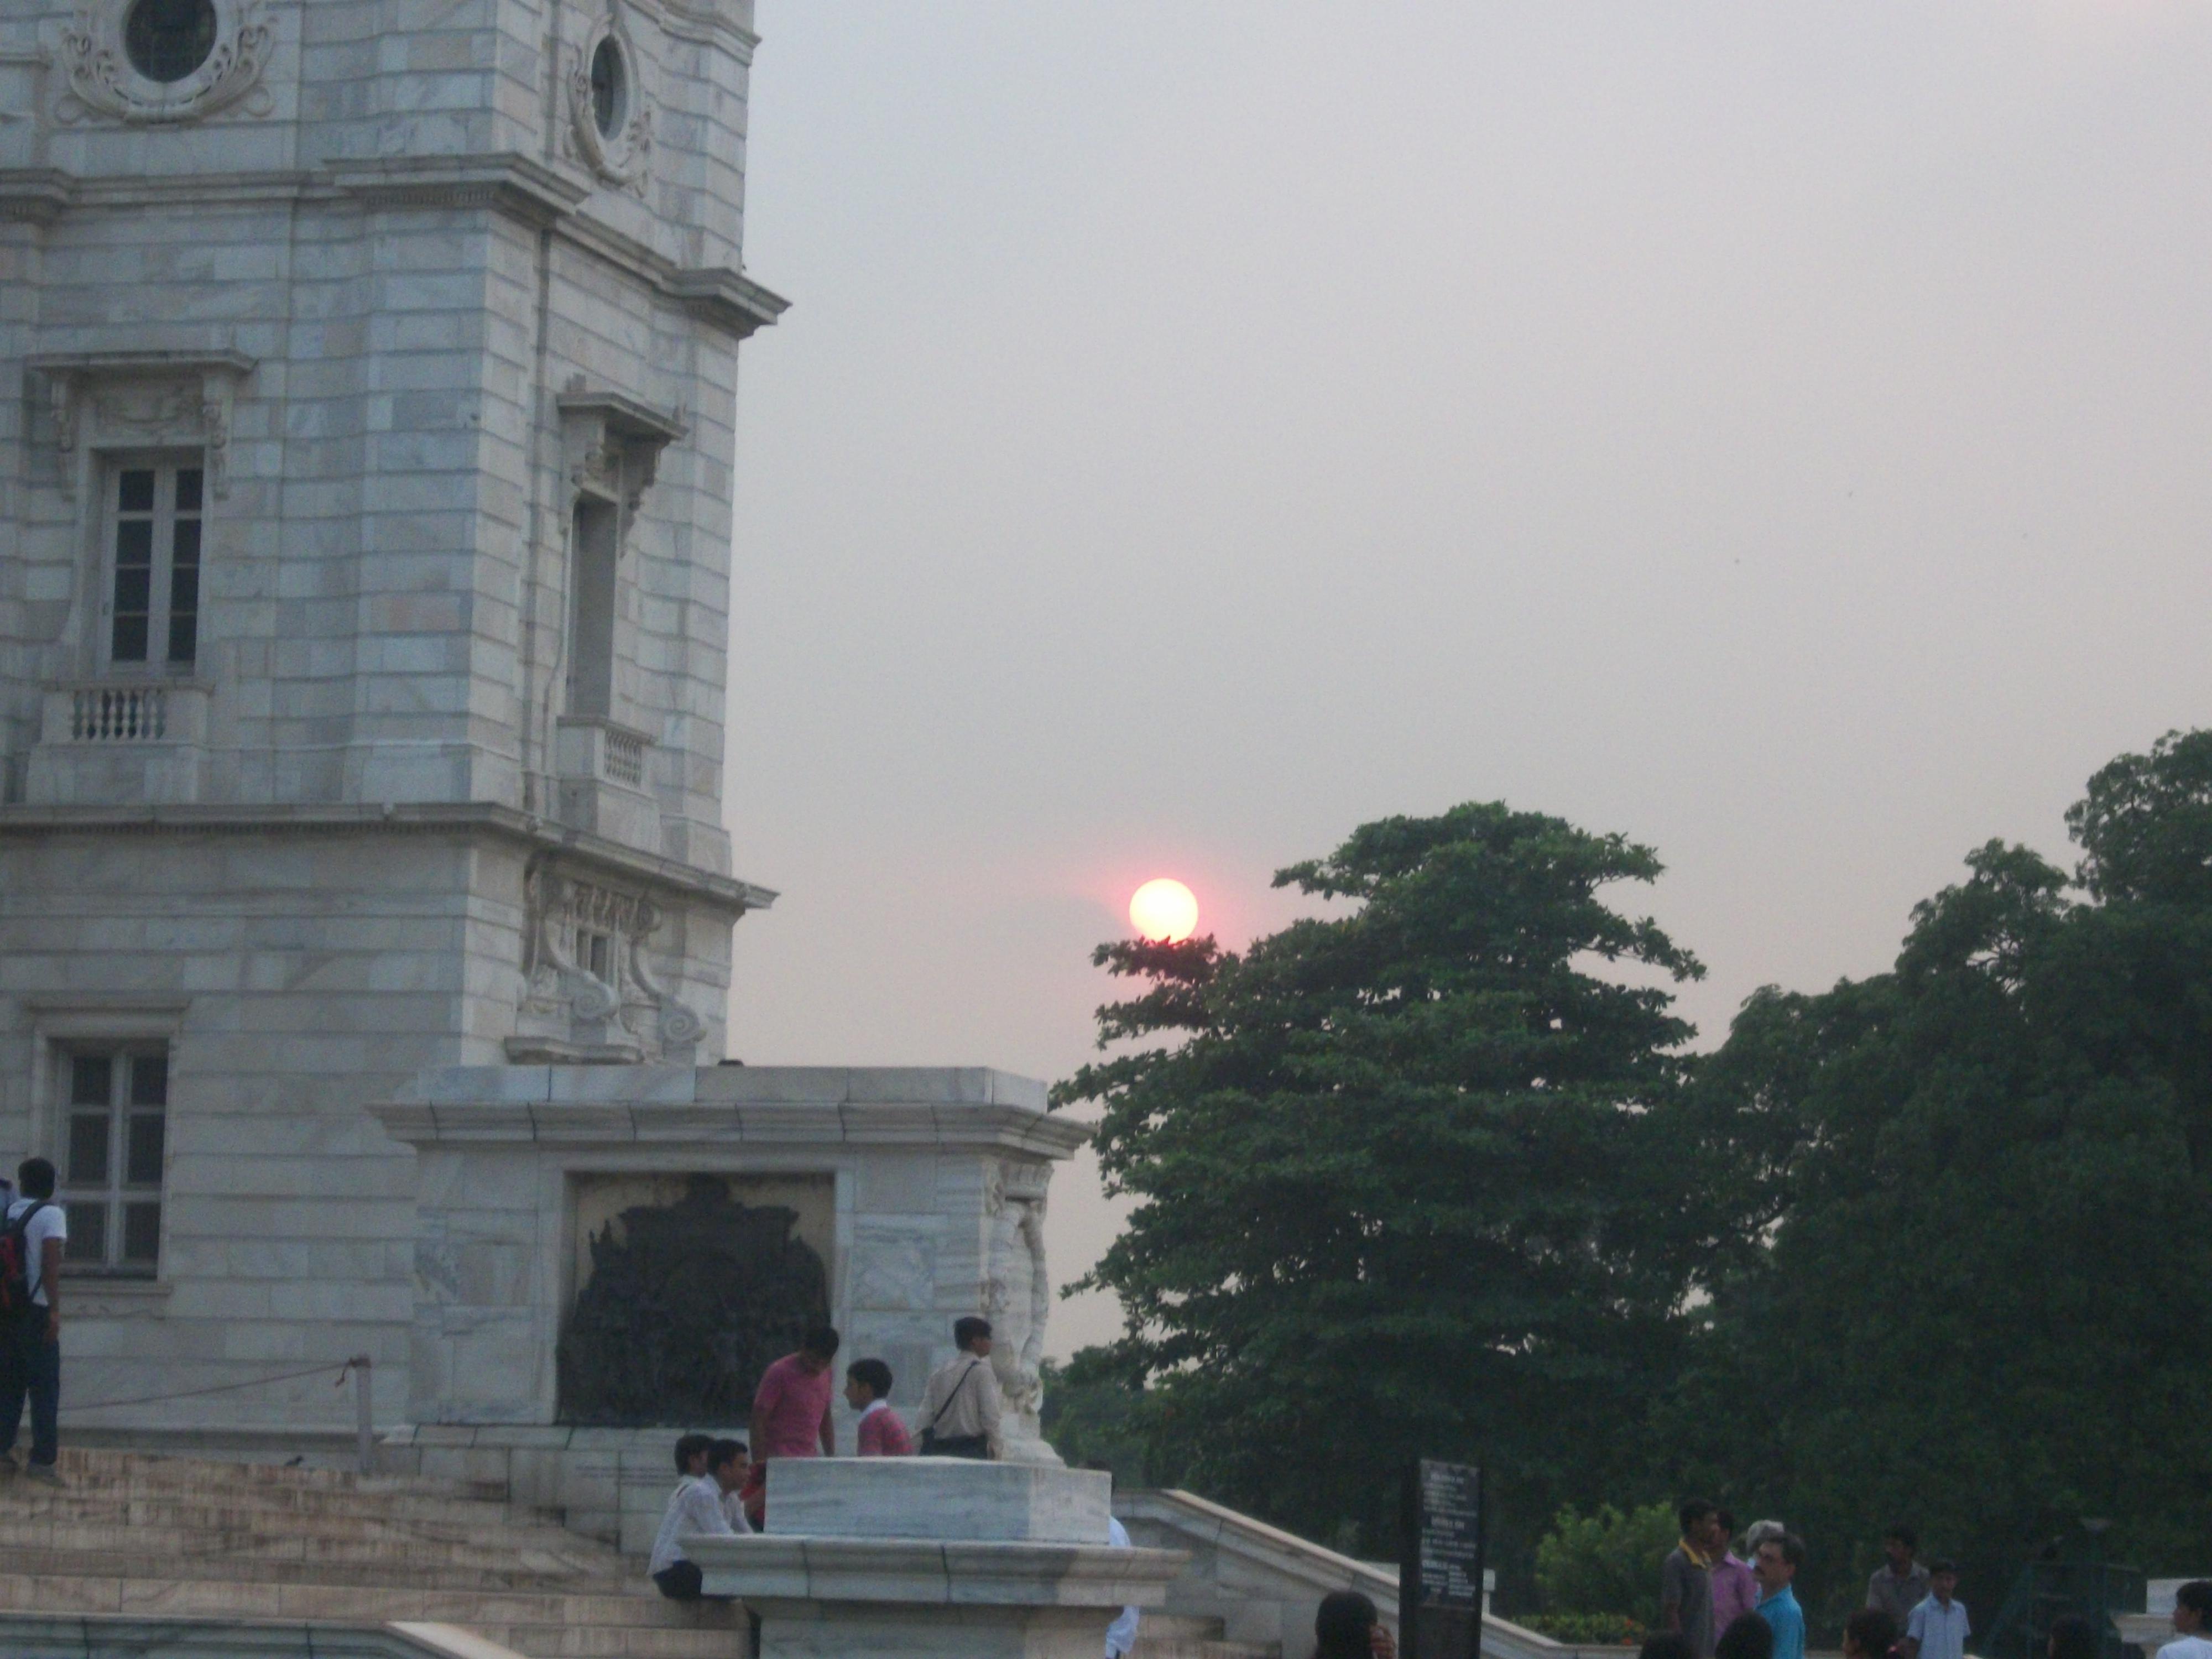 Sunset at Victoria Memorial